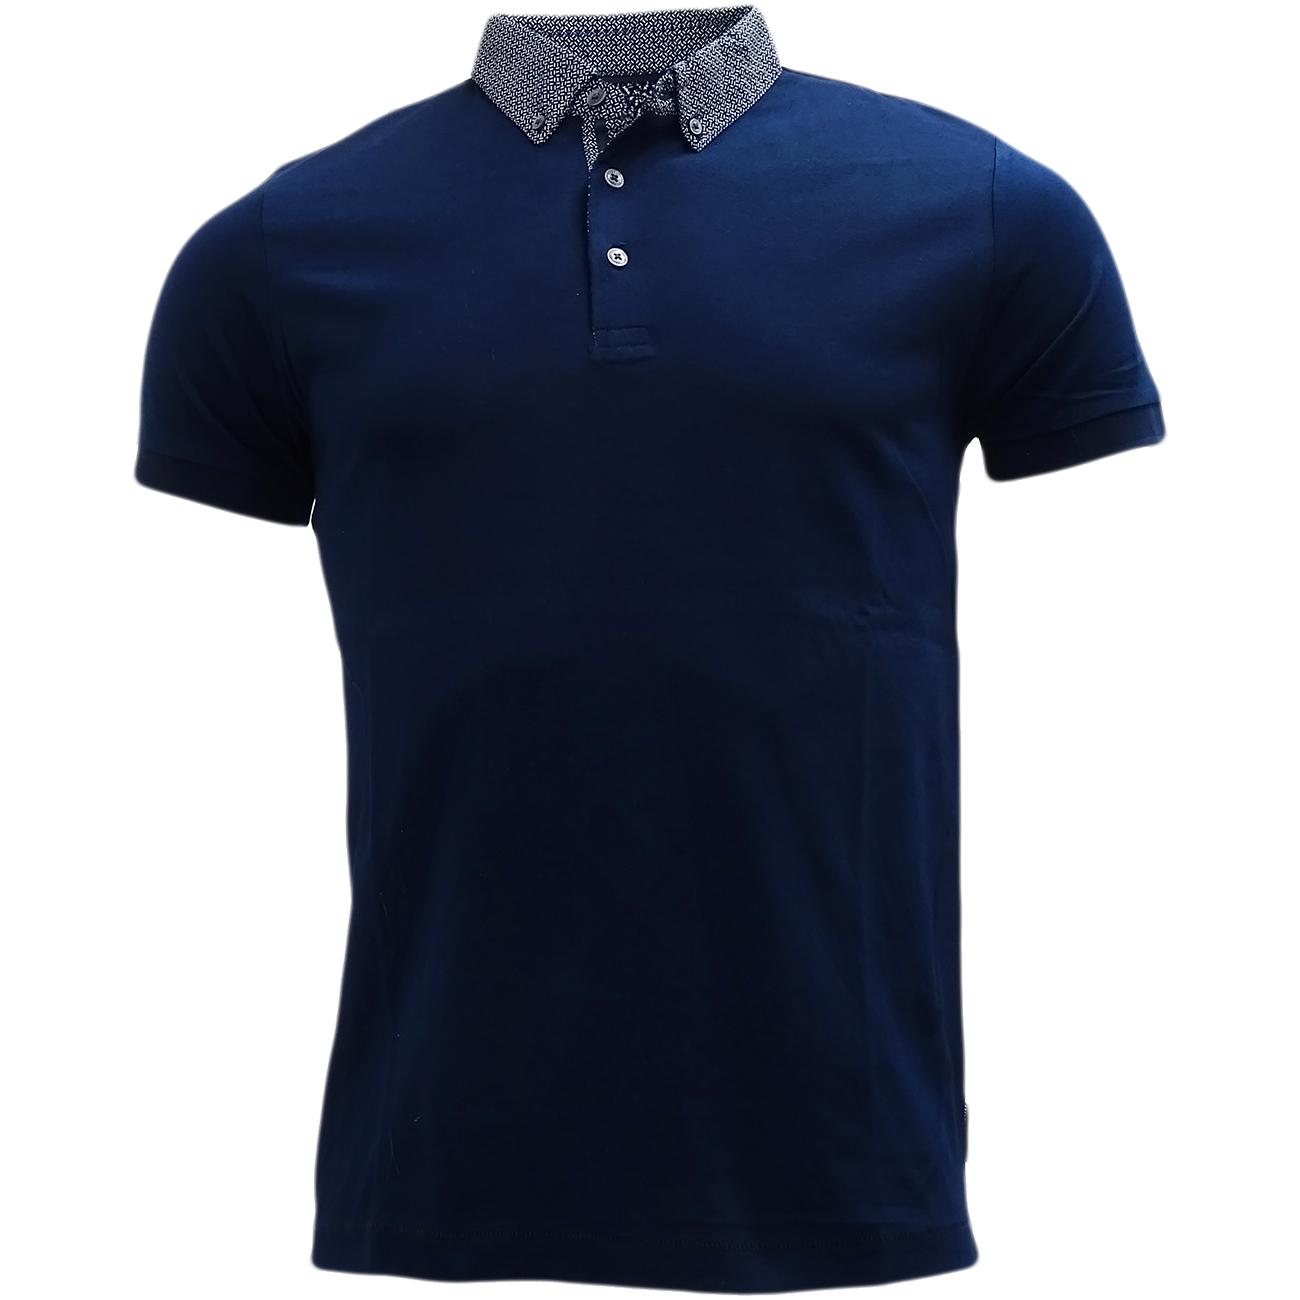 FCUK Plain Navy Polo Shirt with Mod Collar - 56GCC